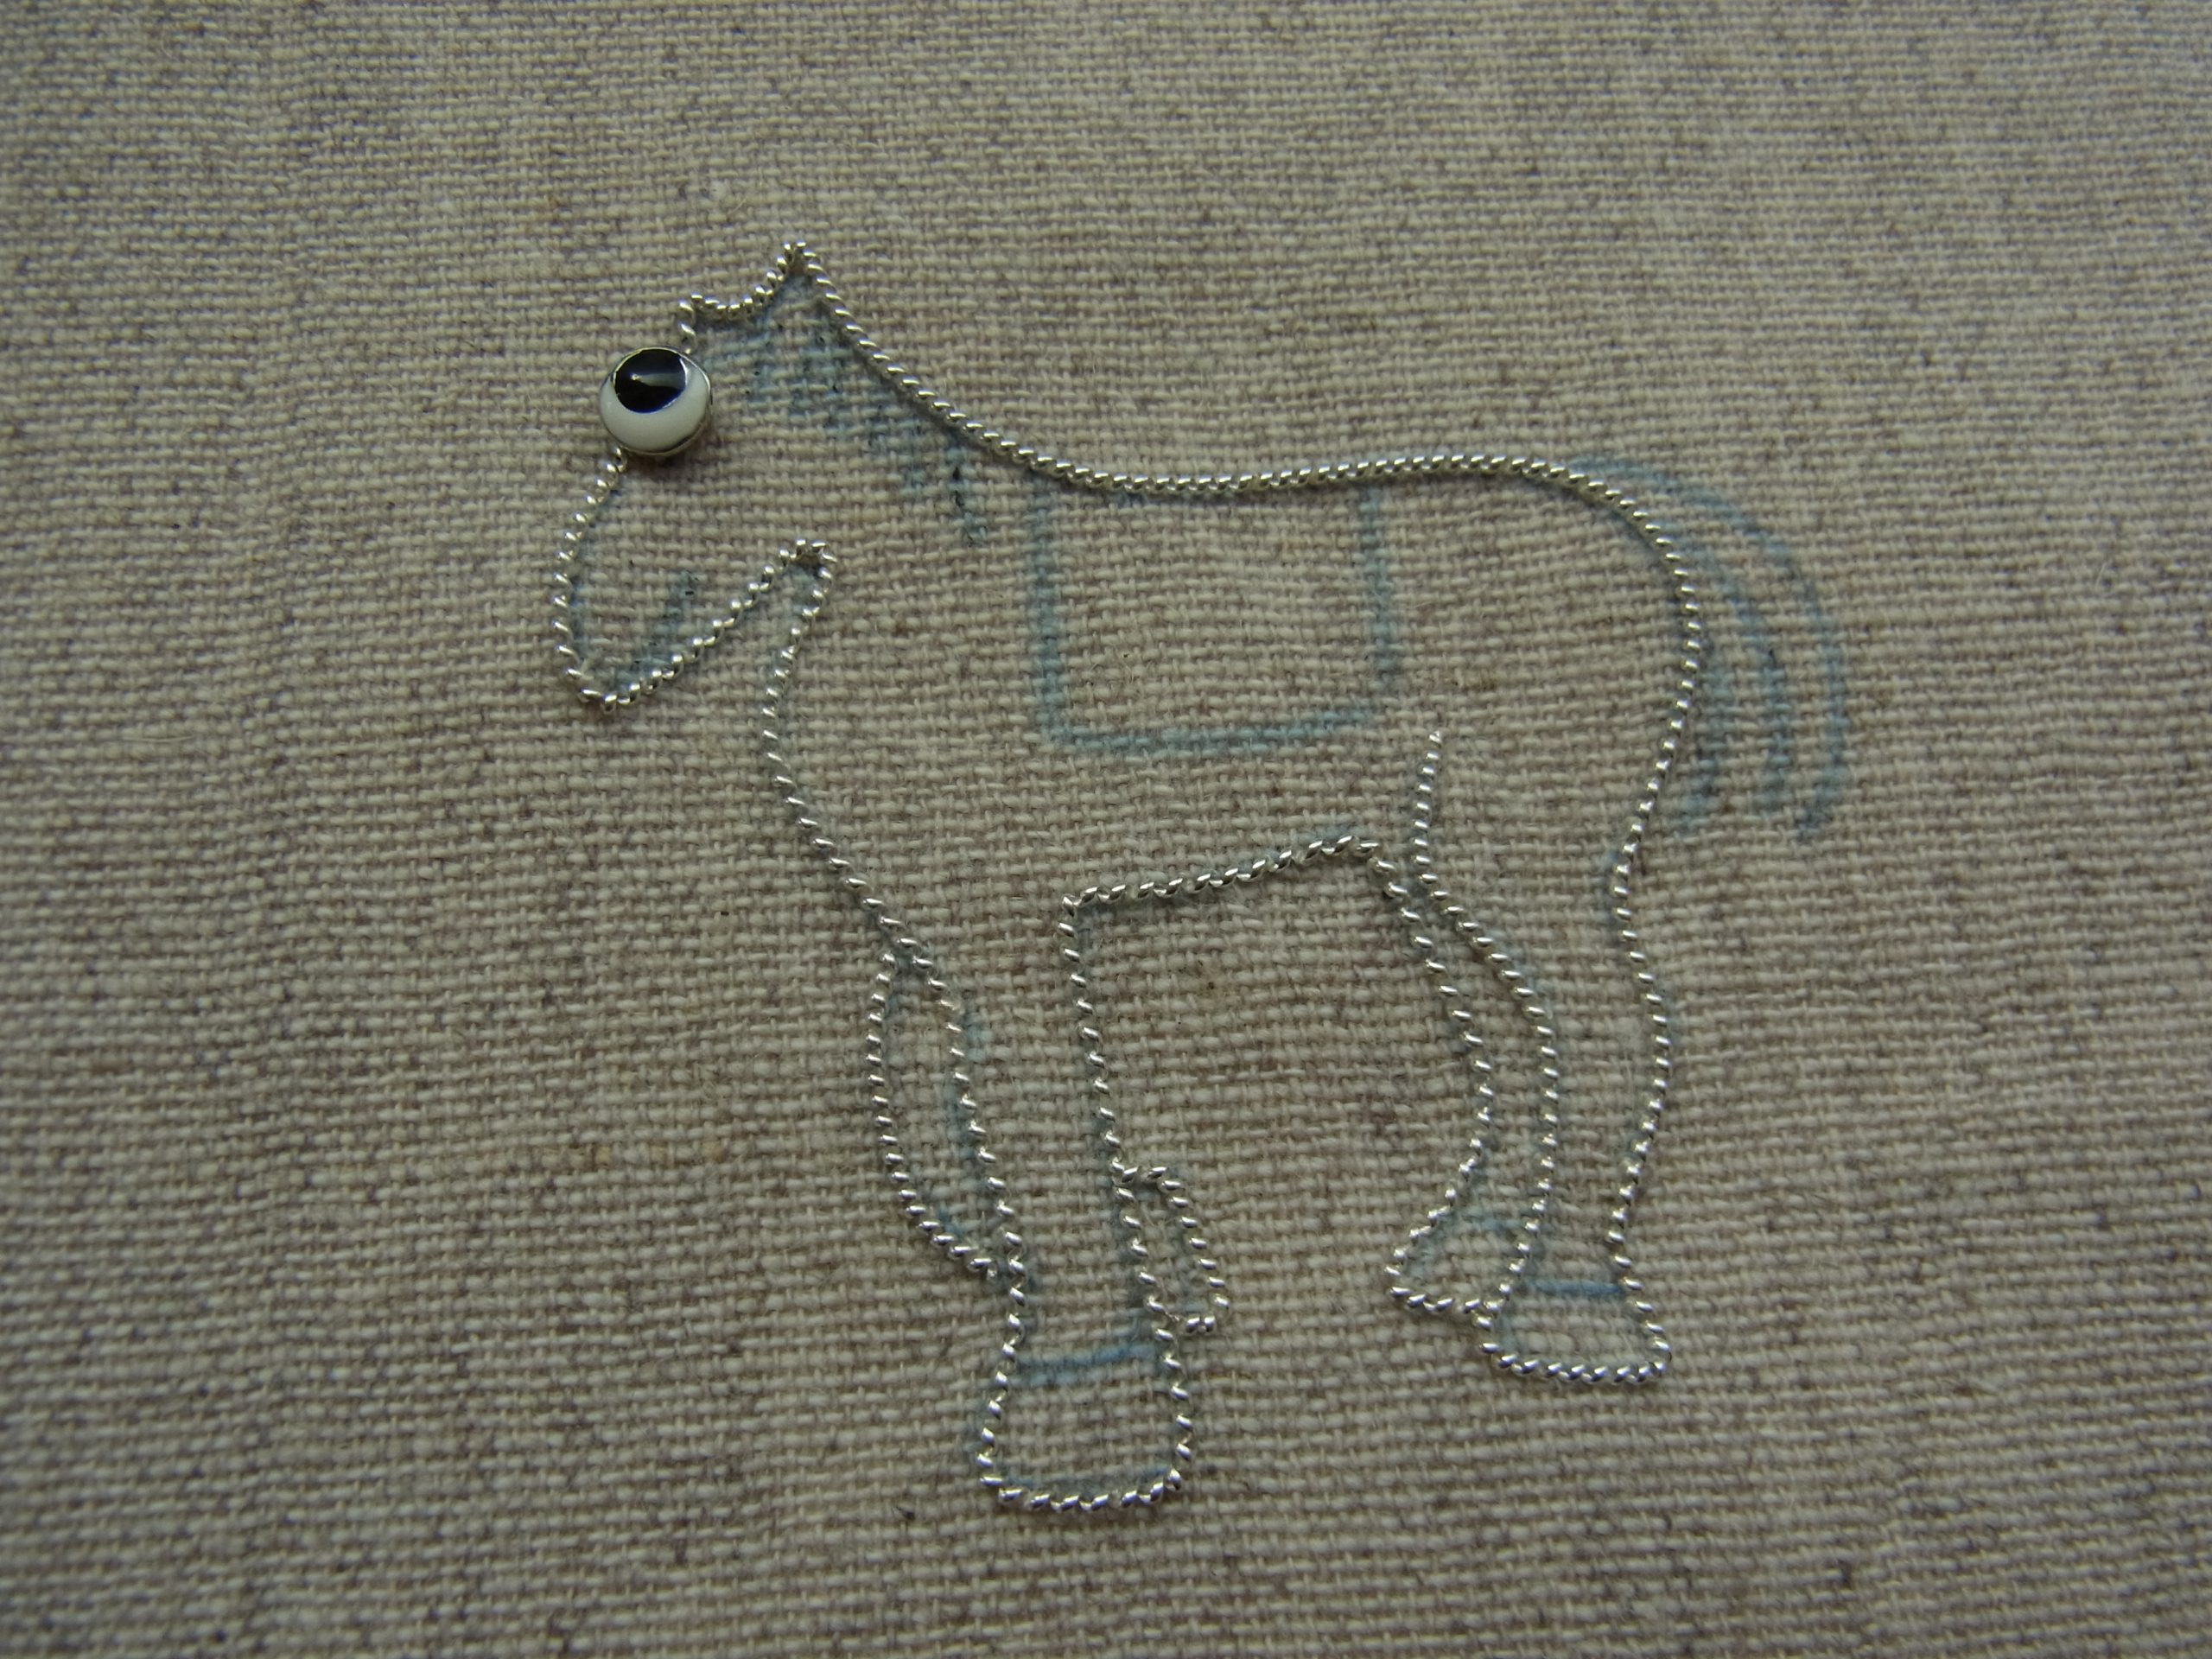 馬のブローチです。